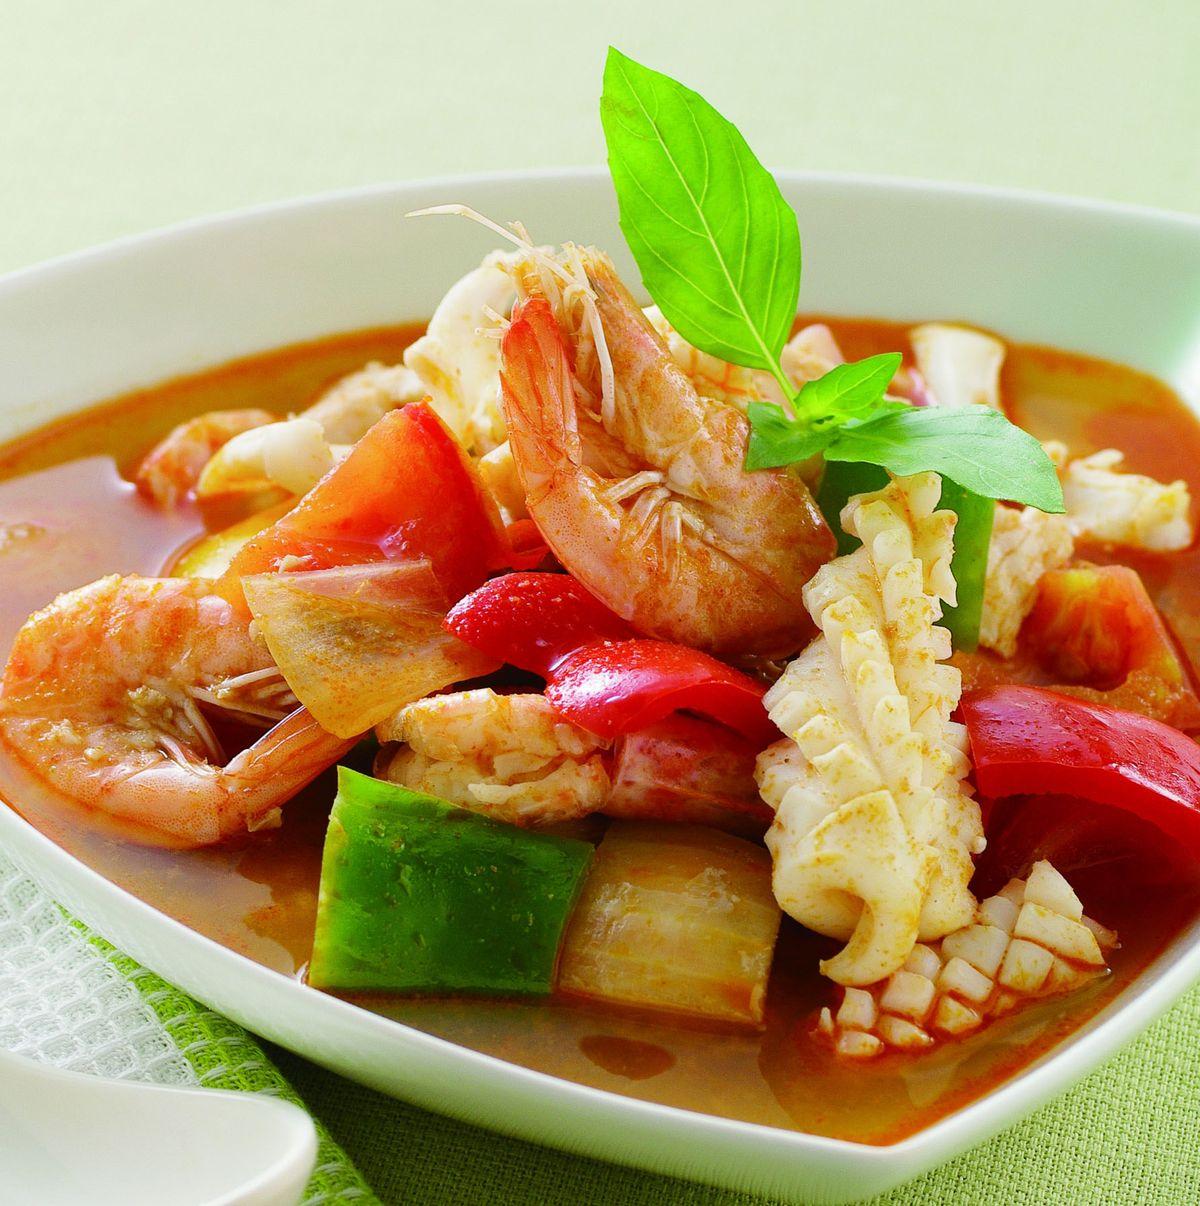 食譜:泰式酸辣海鮮